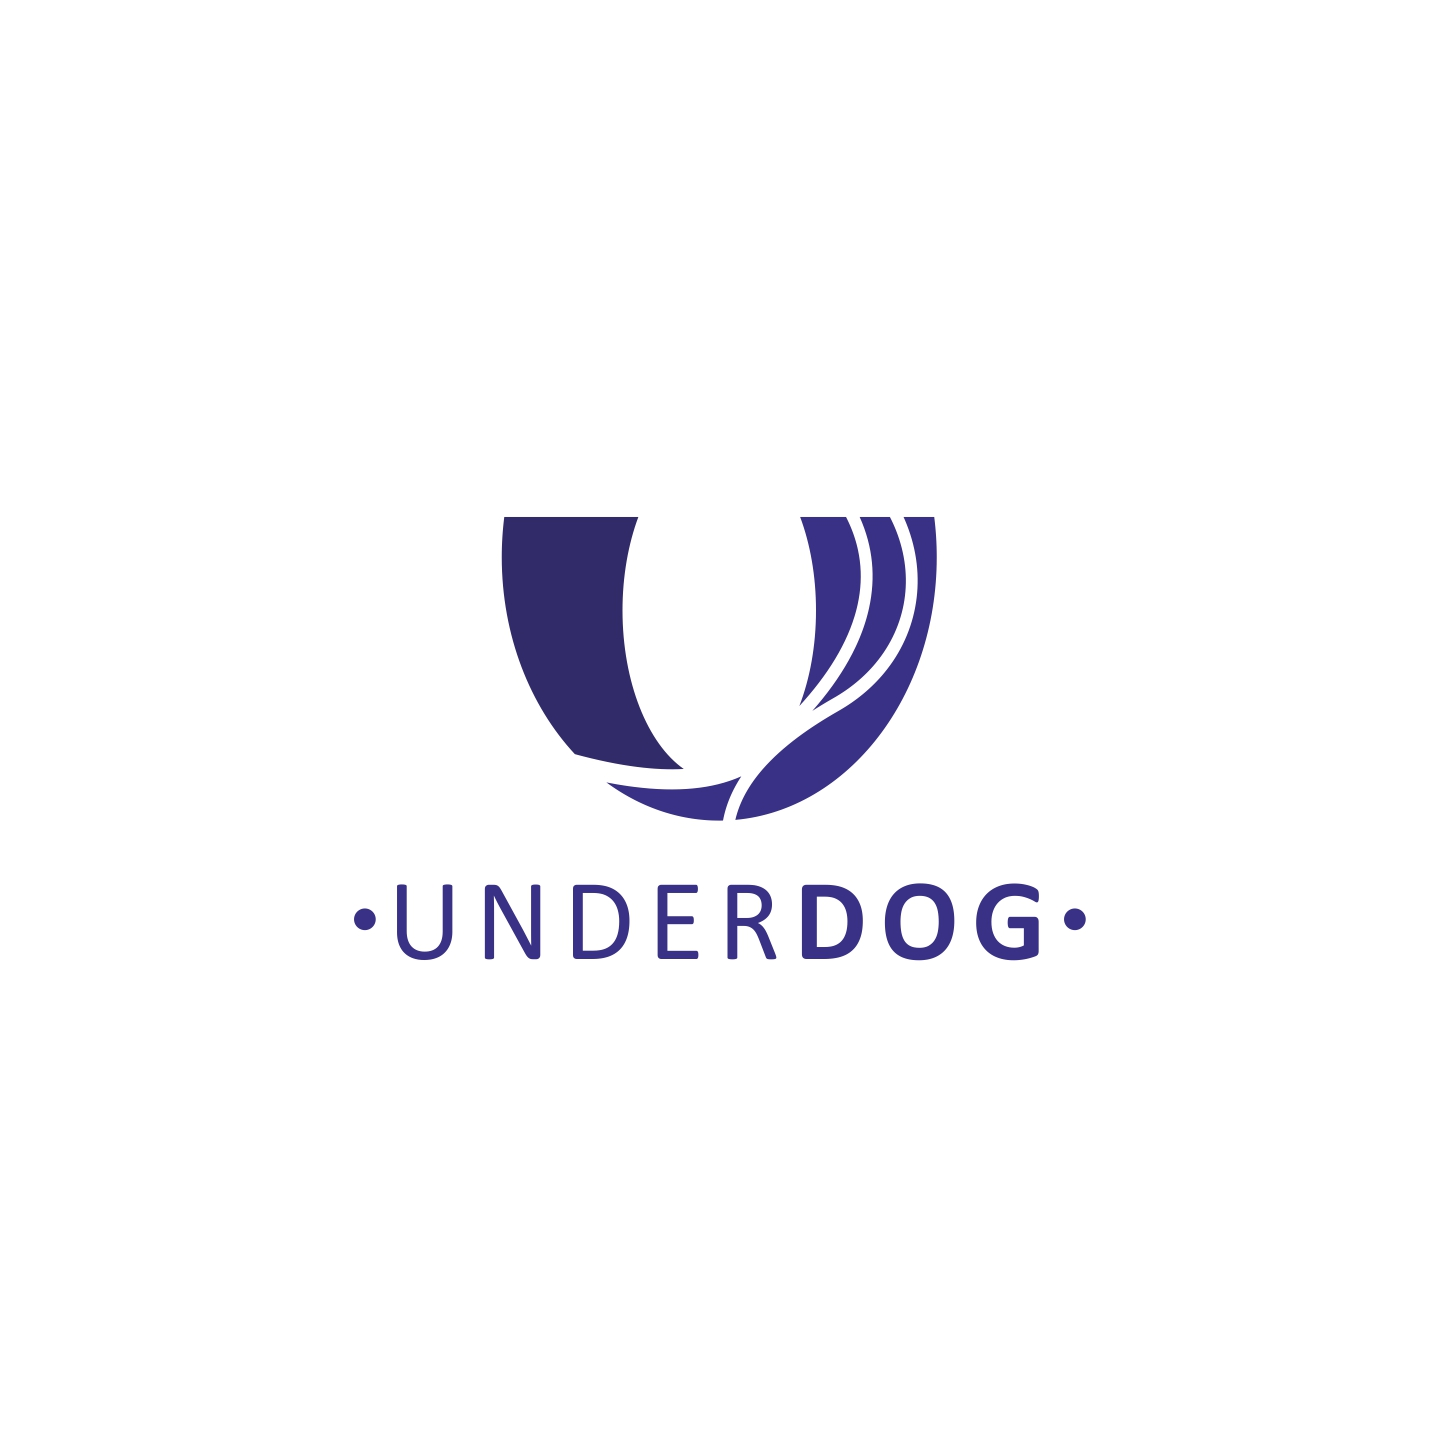 Футбольный клуб UNDERDOG - разработать фирстиль и бренд-бук фото f_6465cb04fad9dd06.jpg